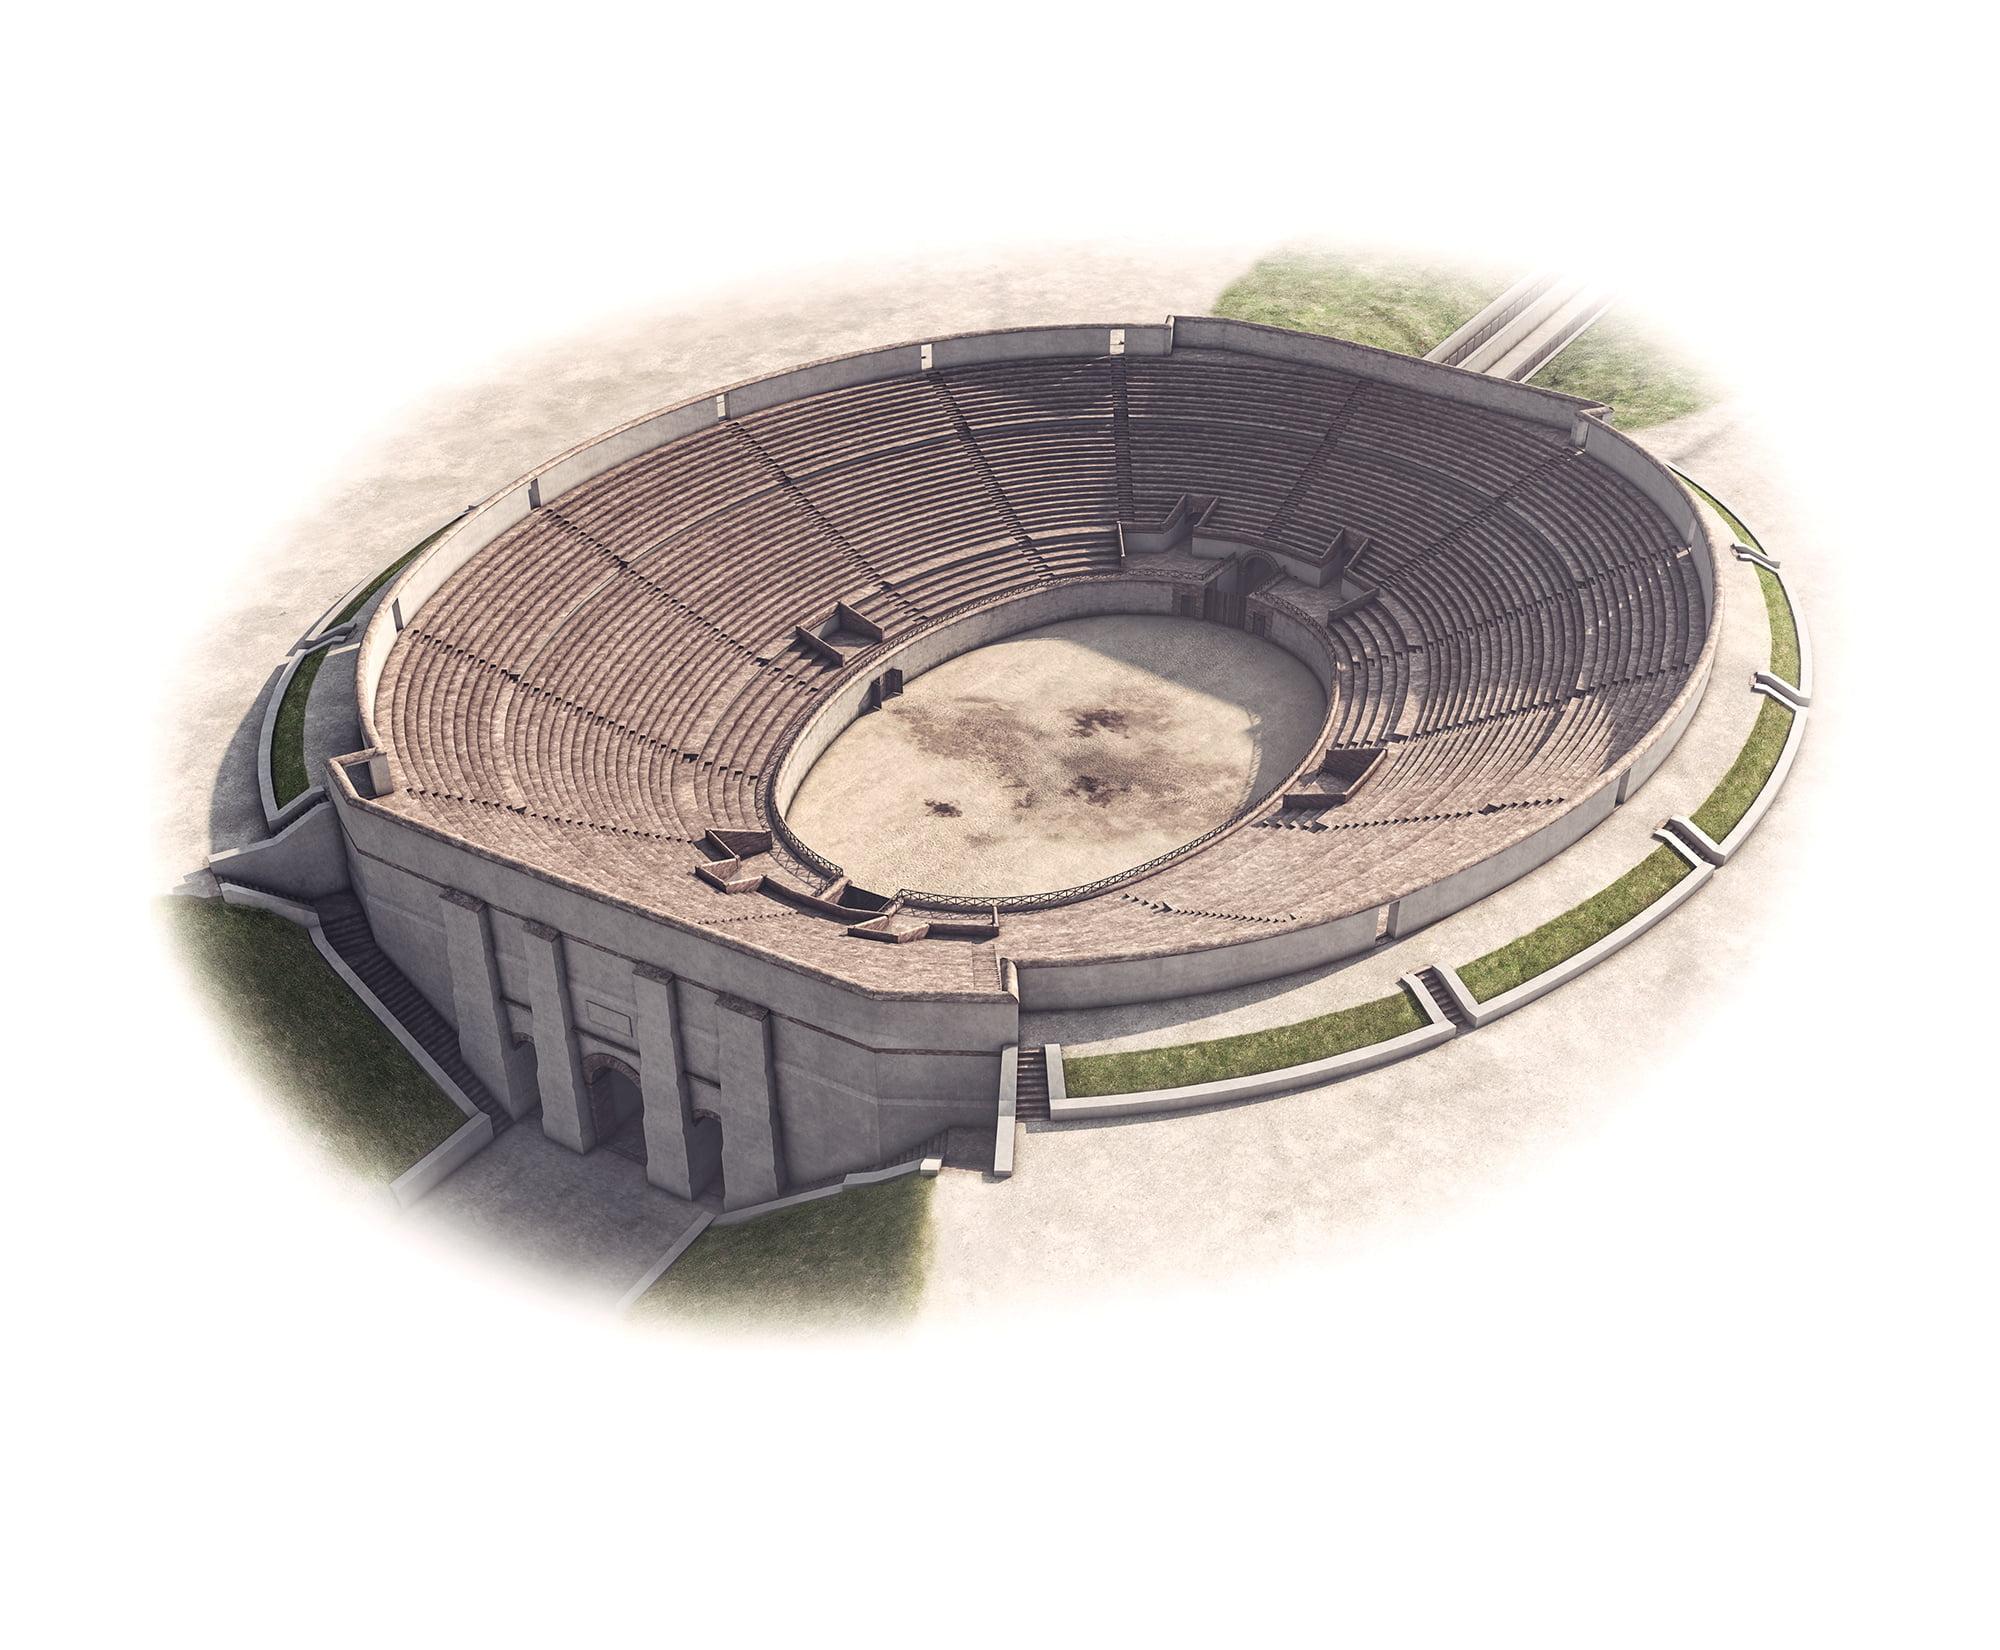 Augusta Raurica, infotafel, 3d-visualisierung amphitheater, ikonaut